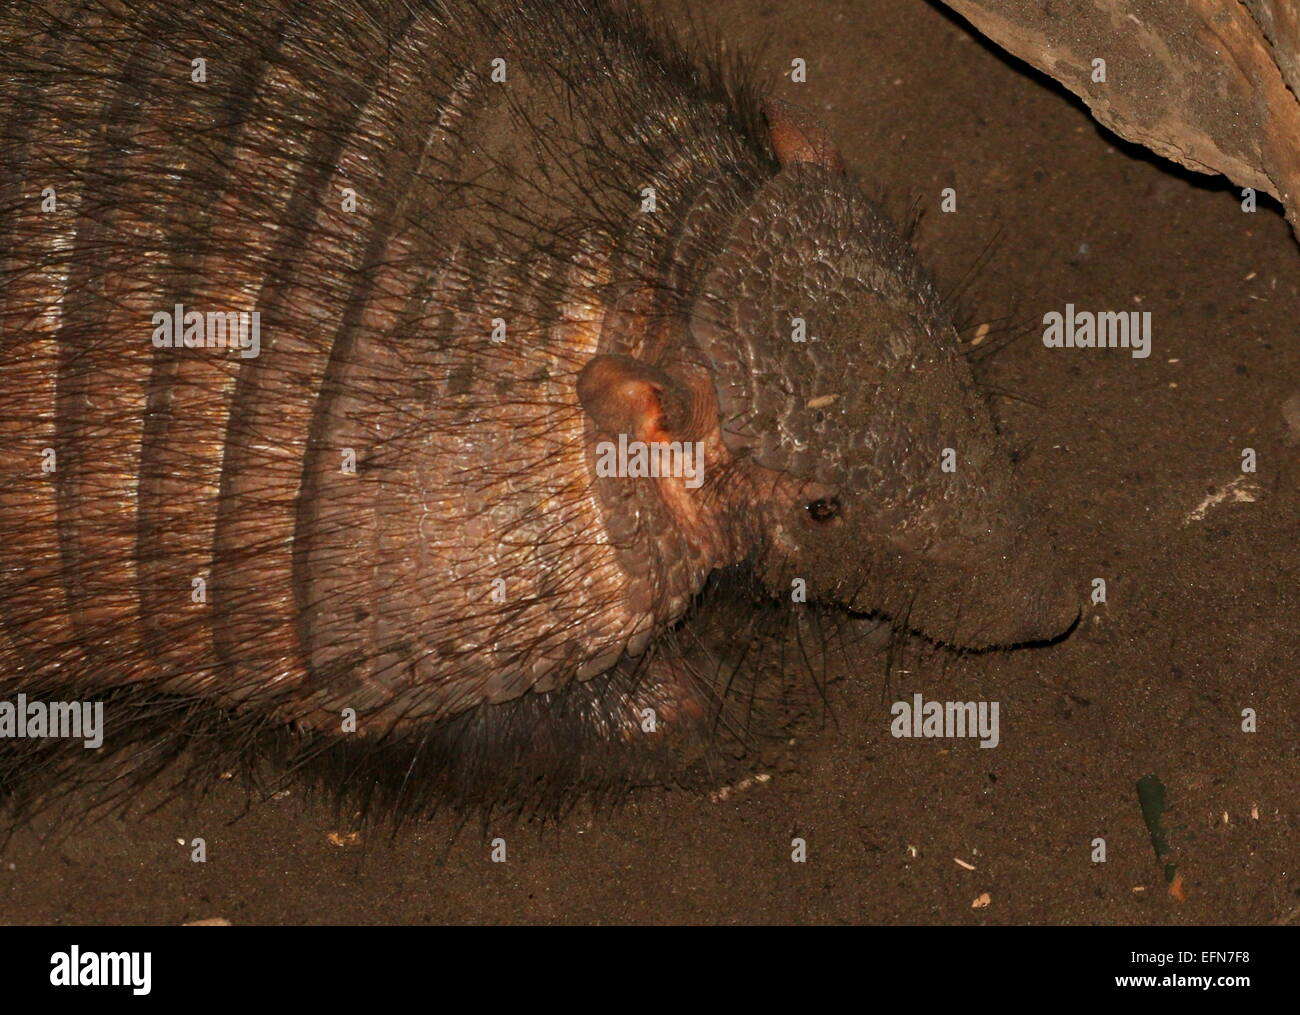 Grandes sudamericanos armadillo peludo (Chaetophractus villosus) cerca de la cabeza y de la parte superior del cuerpo. Imagen De Stock